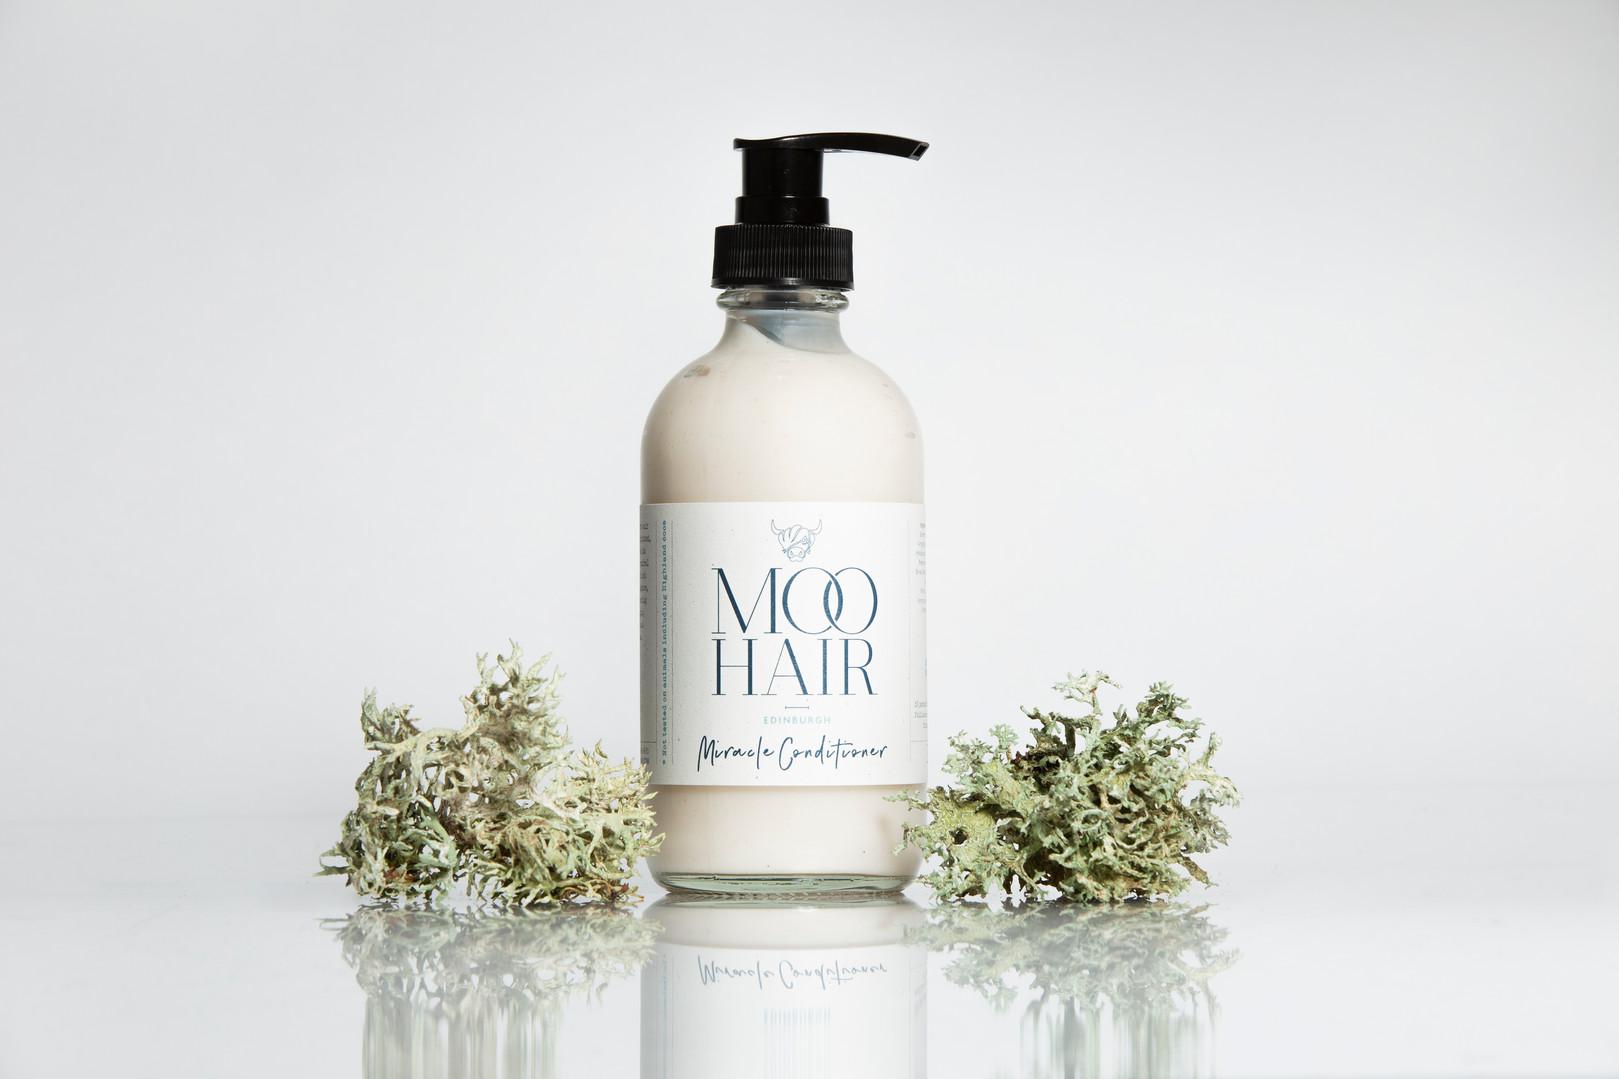 Julien Borghino for Moo Hair